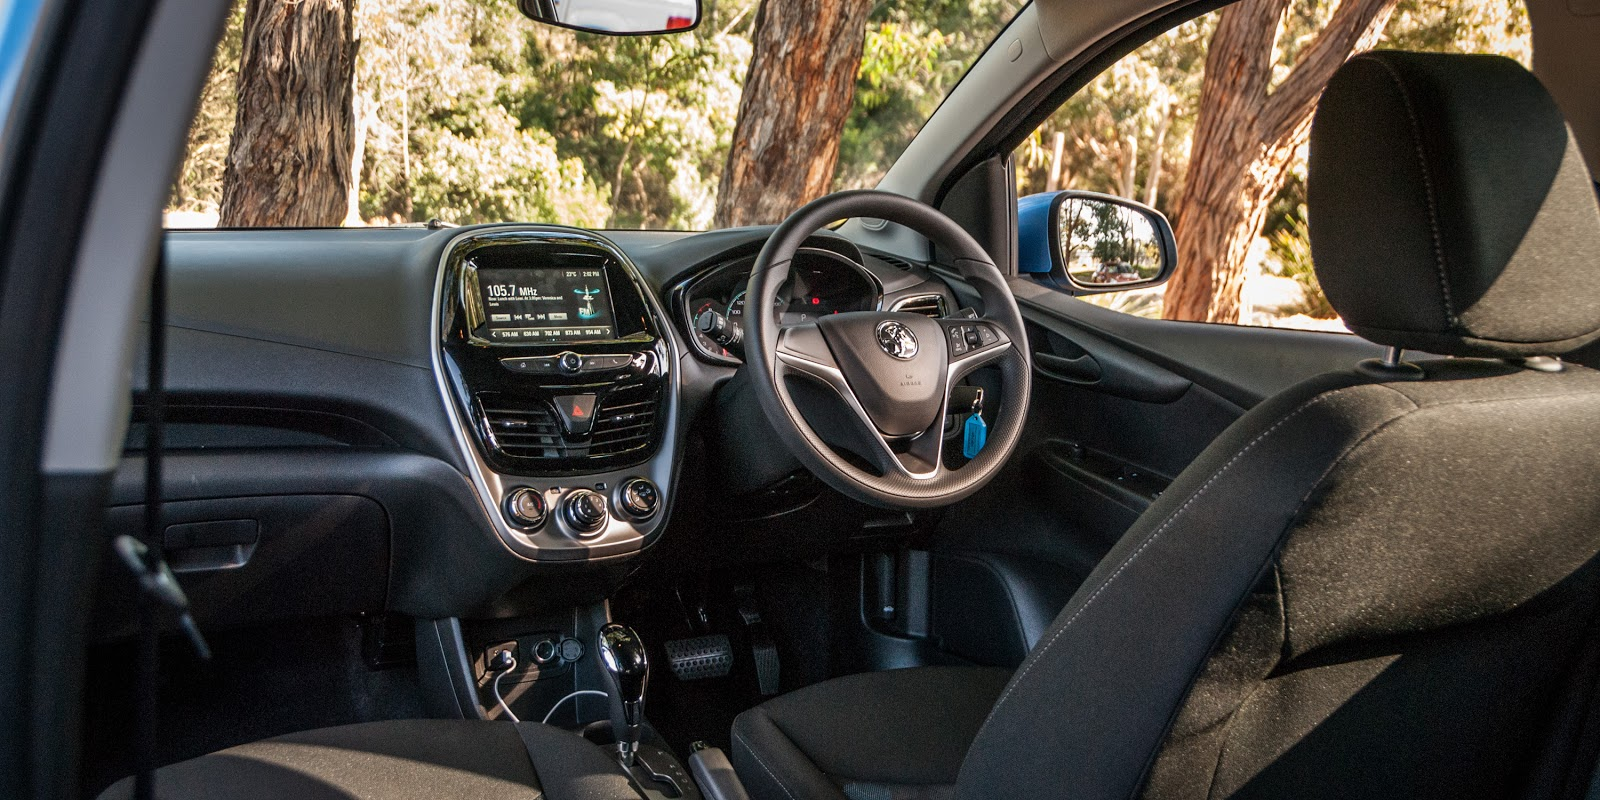 Nội thất của xe đơn giản, tinh tế, đẹp mắt và nhiều tính năng hiện đại